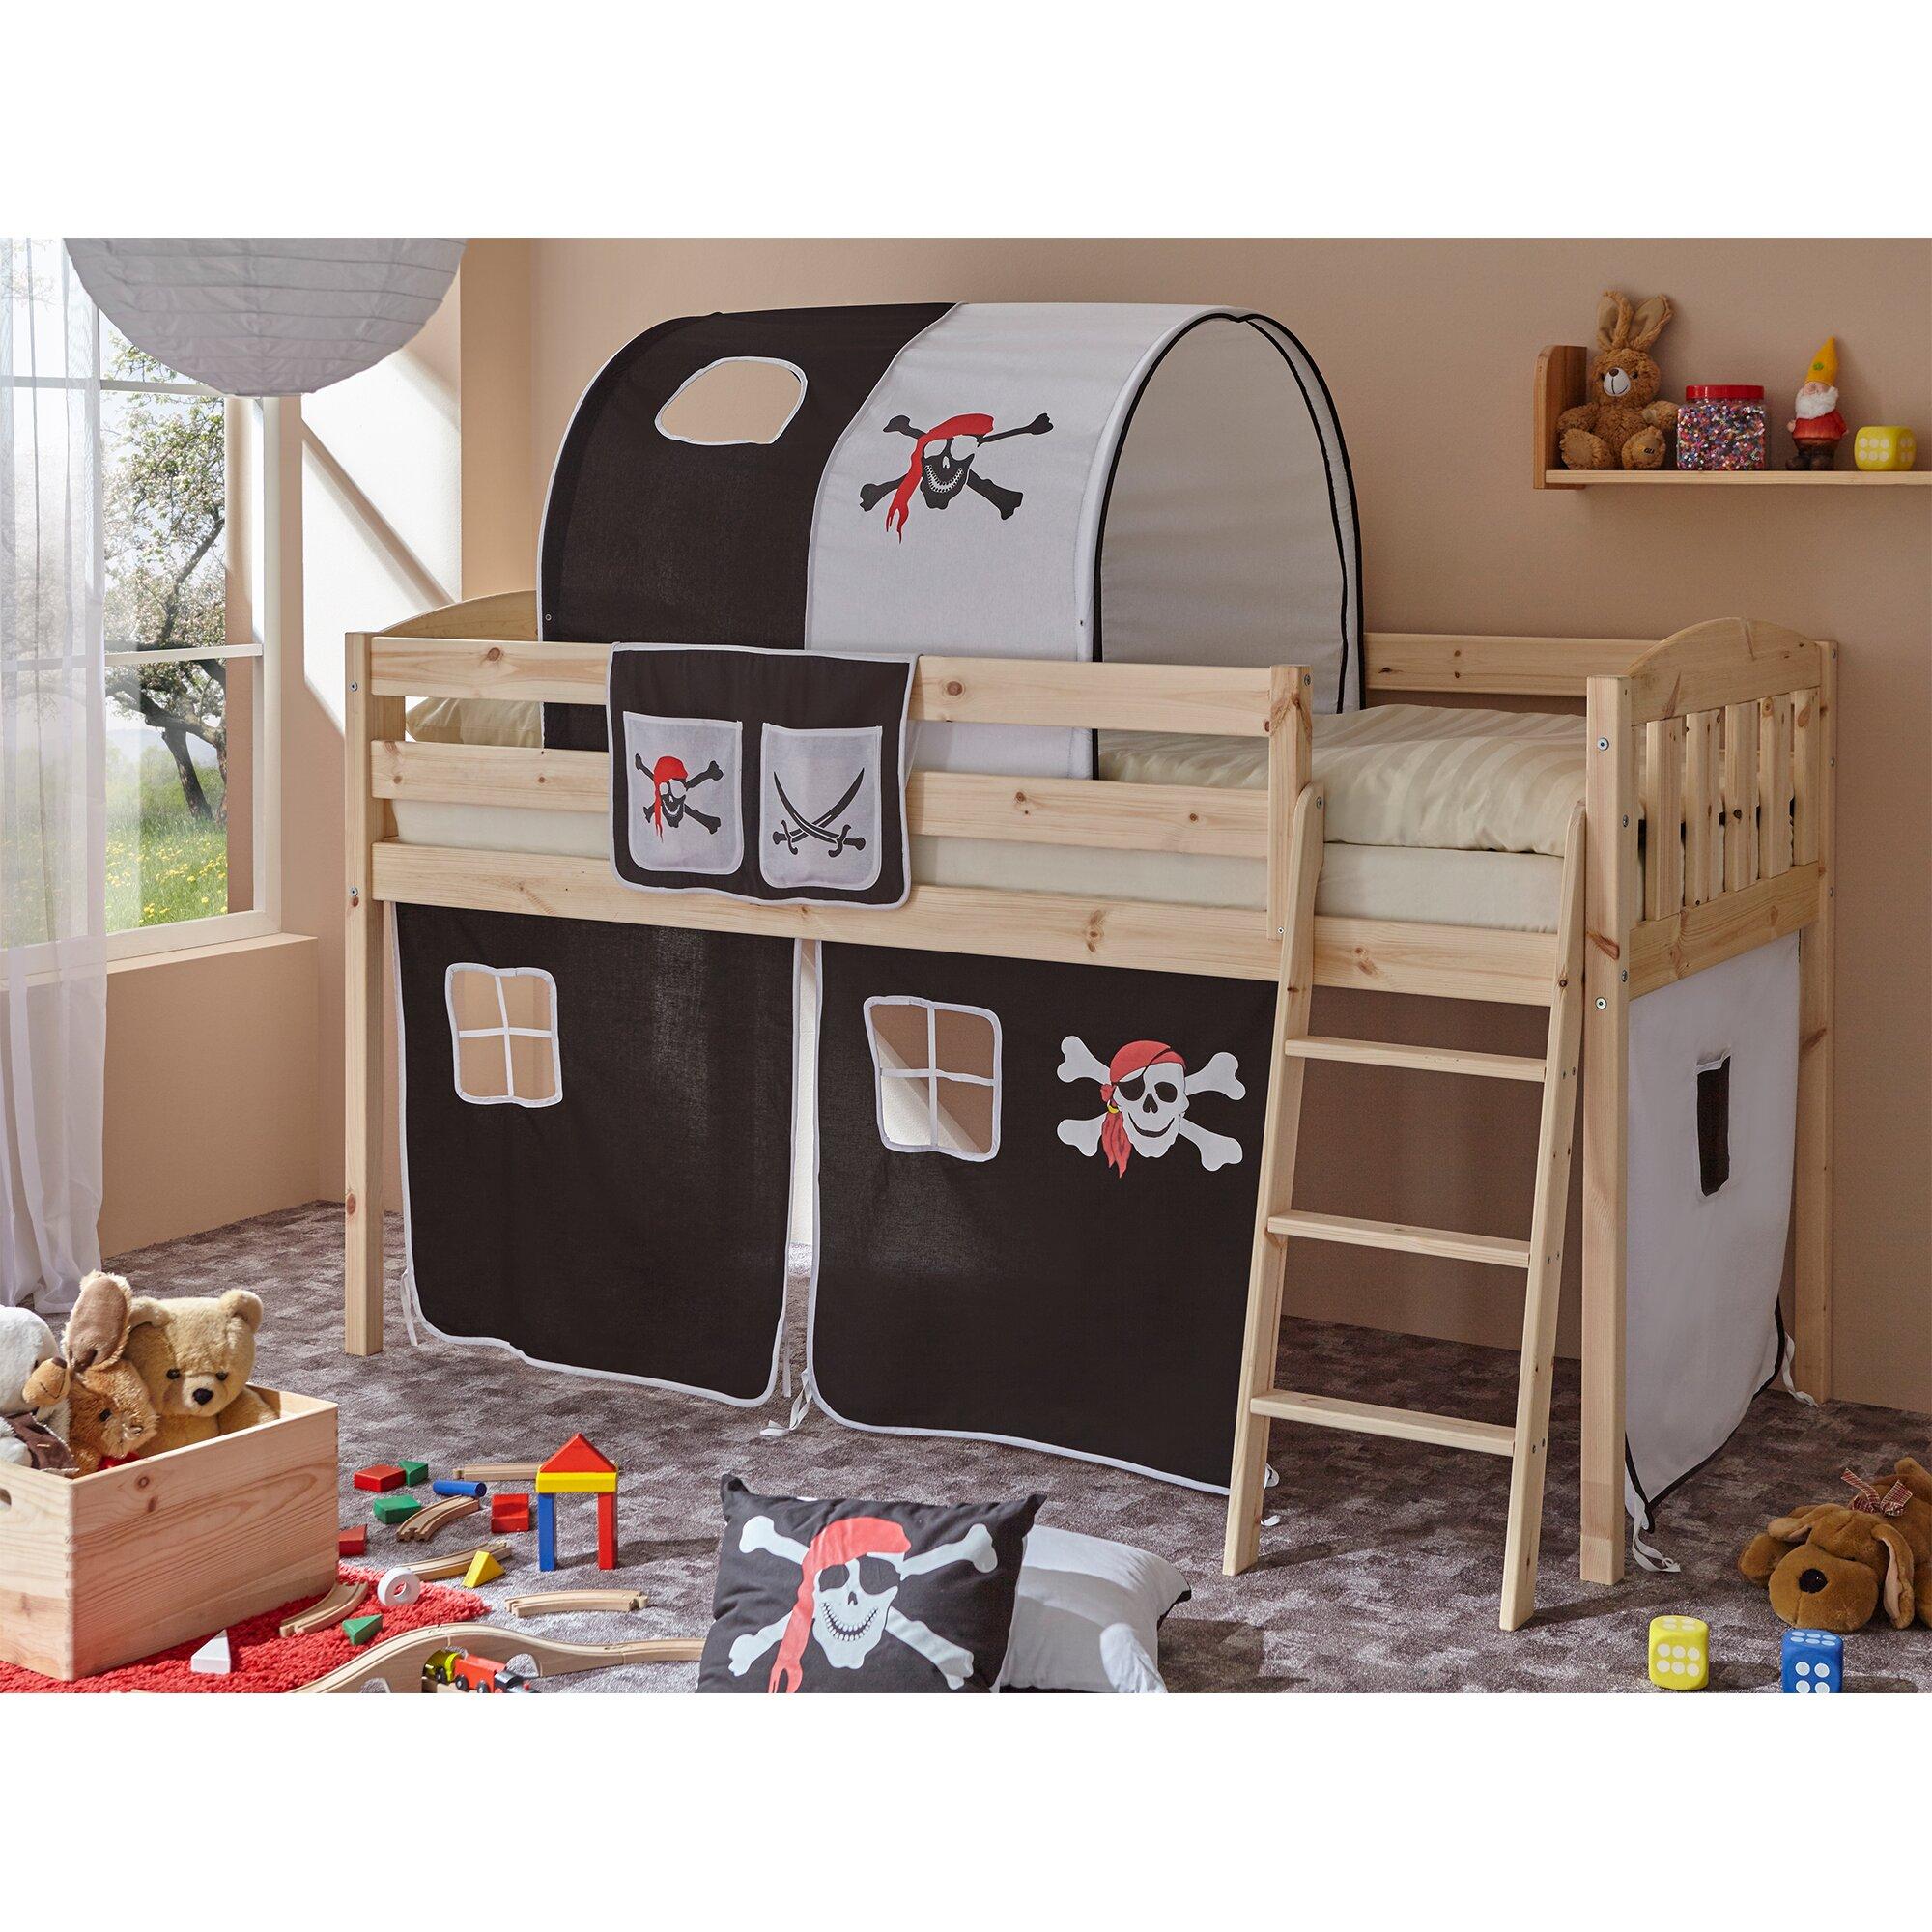 hochbett eric v mit vorhang 90 x 200 cm von ticaa. Black Bedroom Furniture Sets. Home Design Ideas